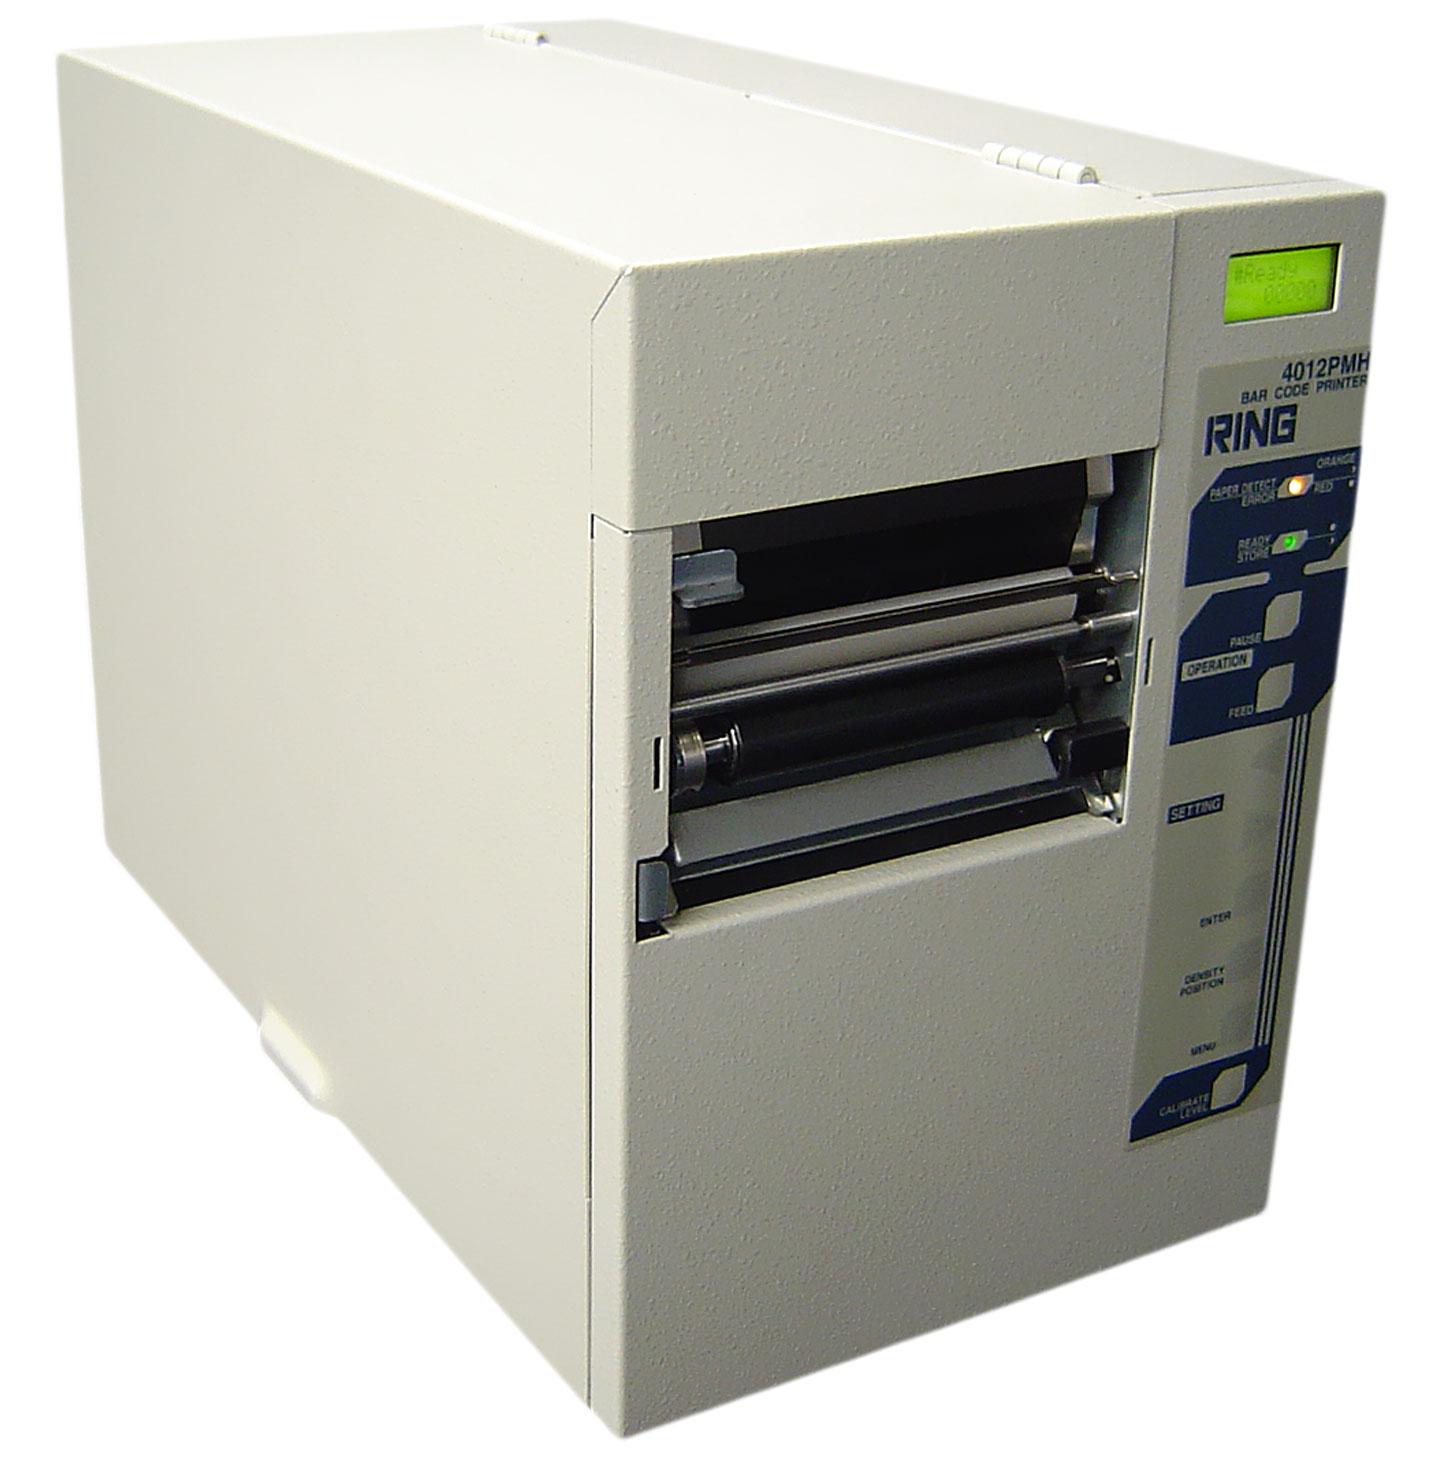 龙川Autonics BC-12MEA 300dpi分辨率 条码标签打印头